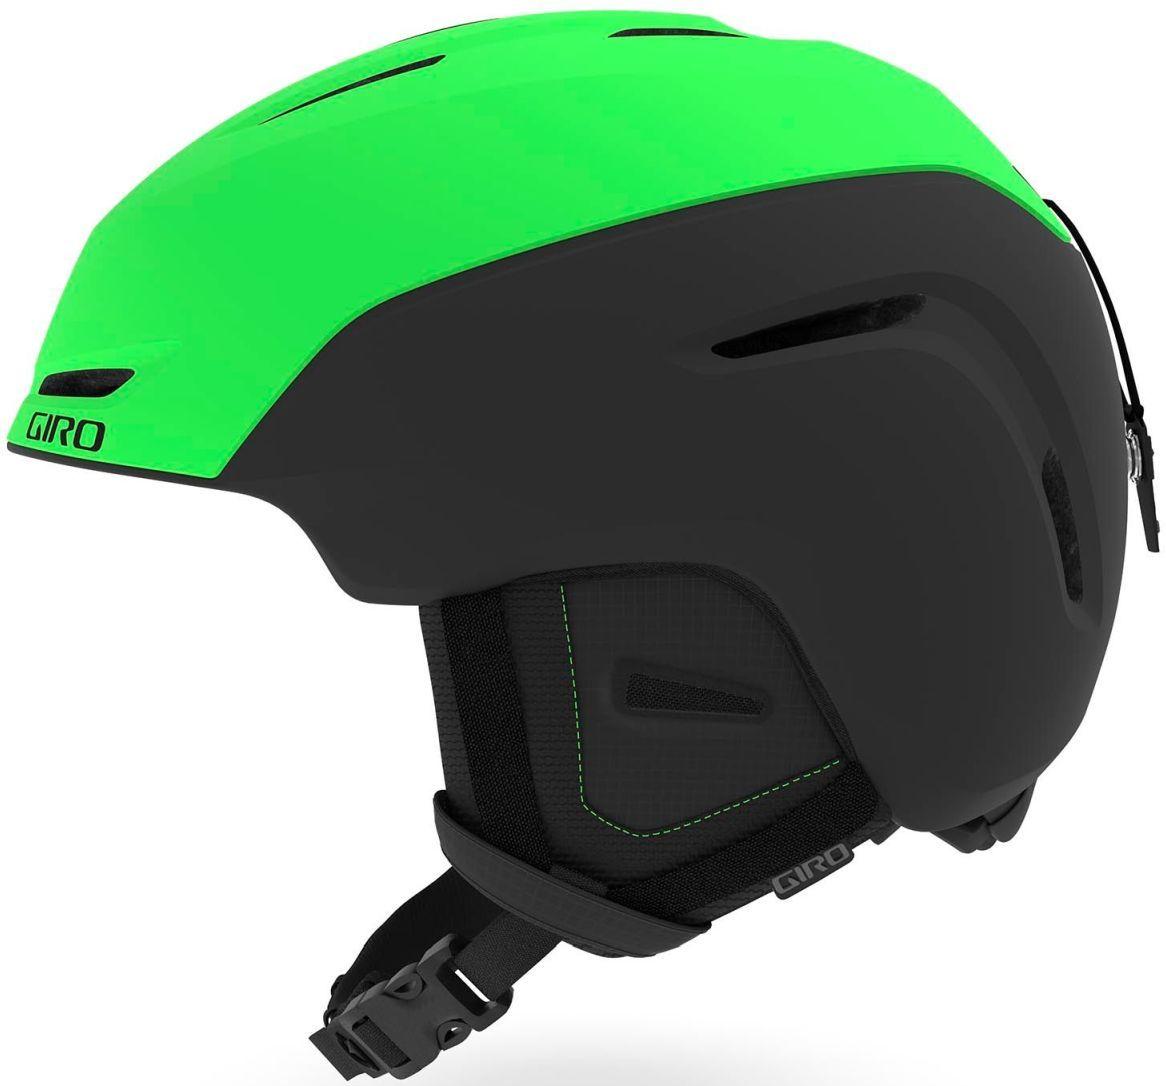 Giro Neo Mat - Bright Green/Black S-(52-55.5)